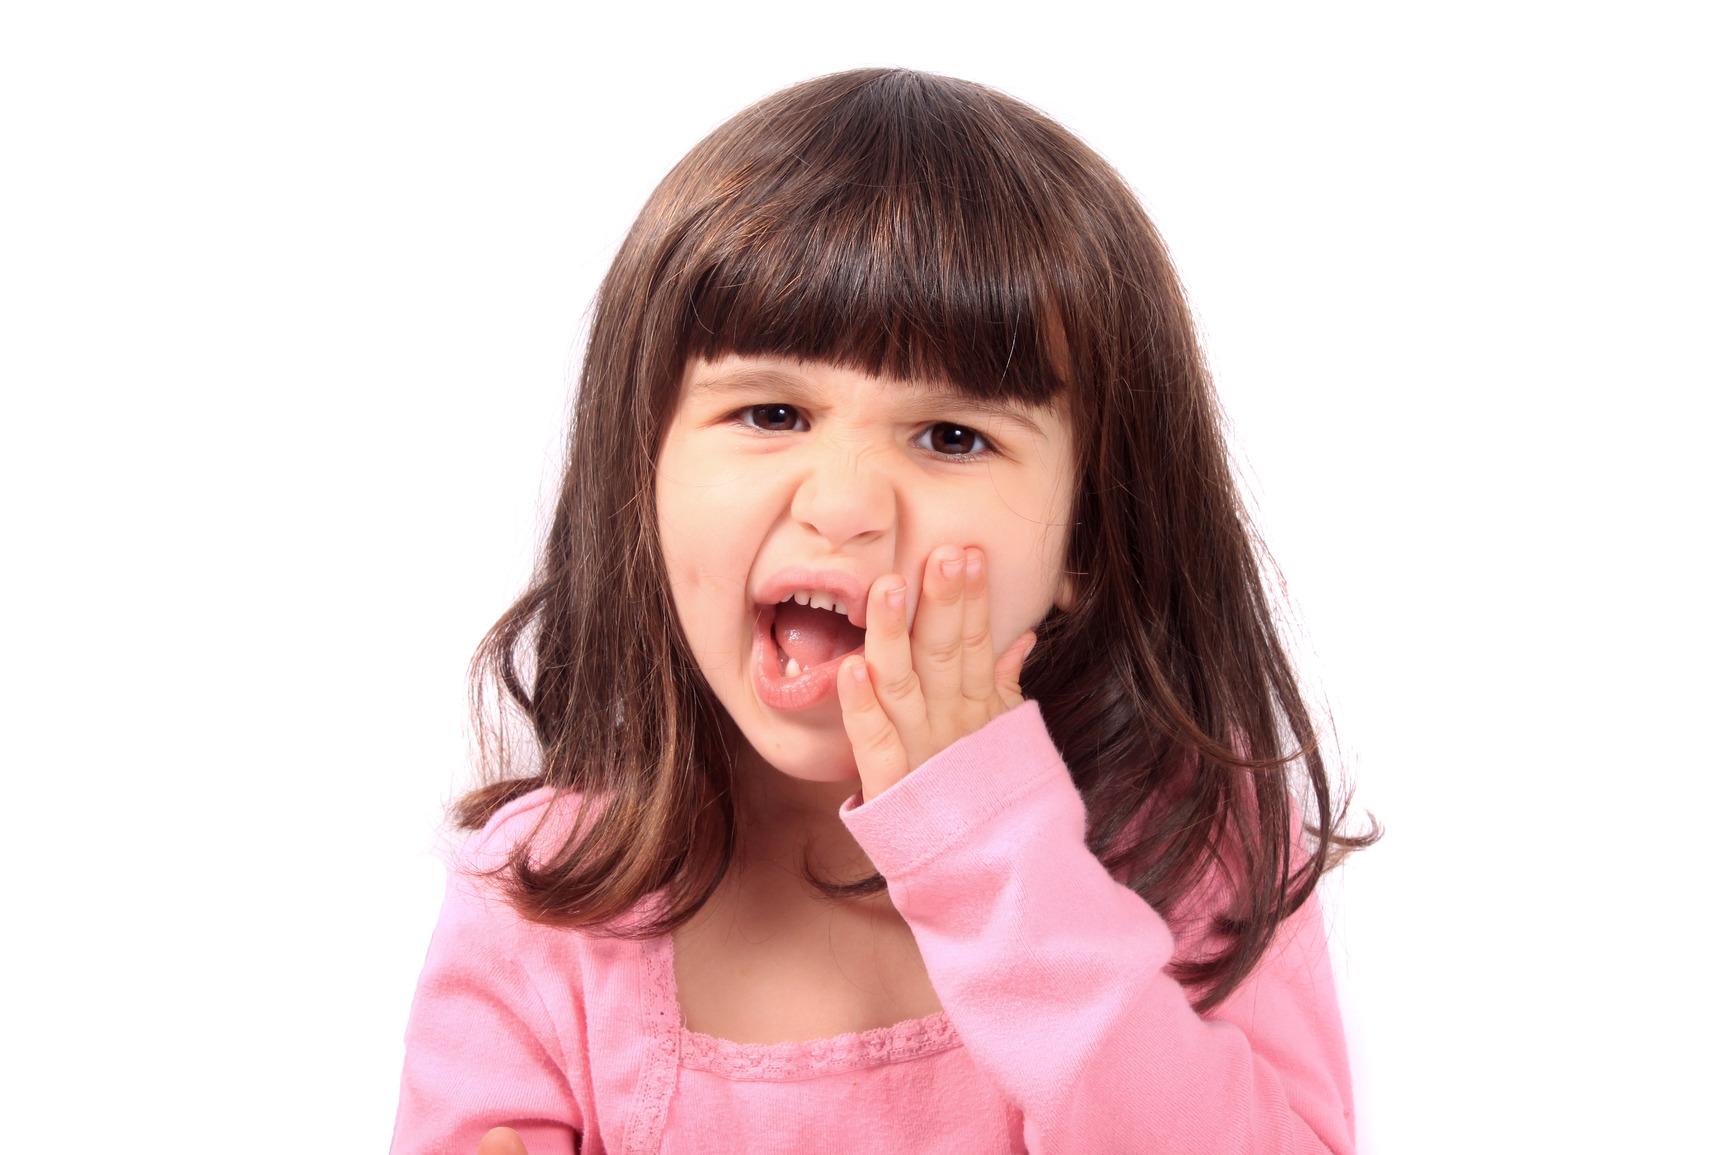 بعد از کشیدن دندان کودکان